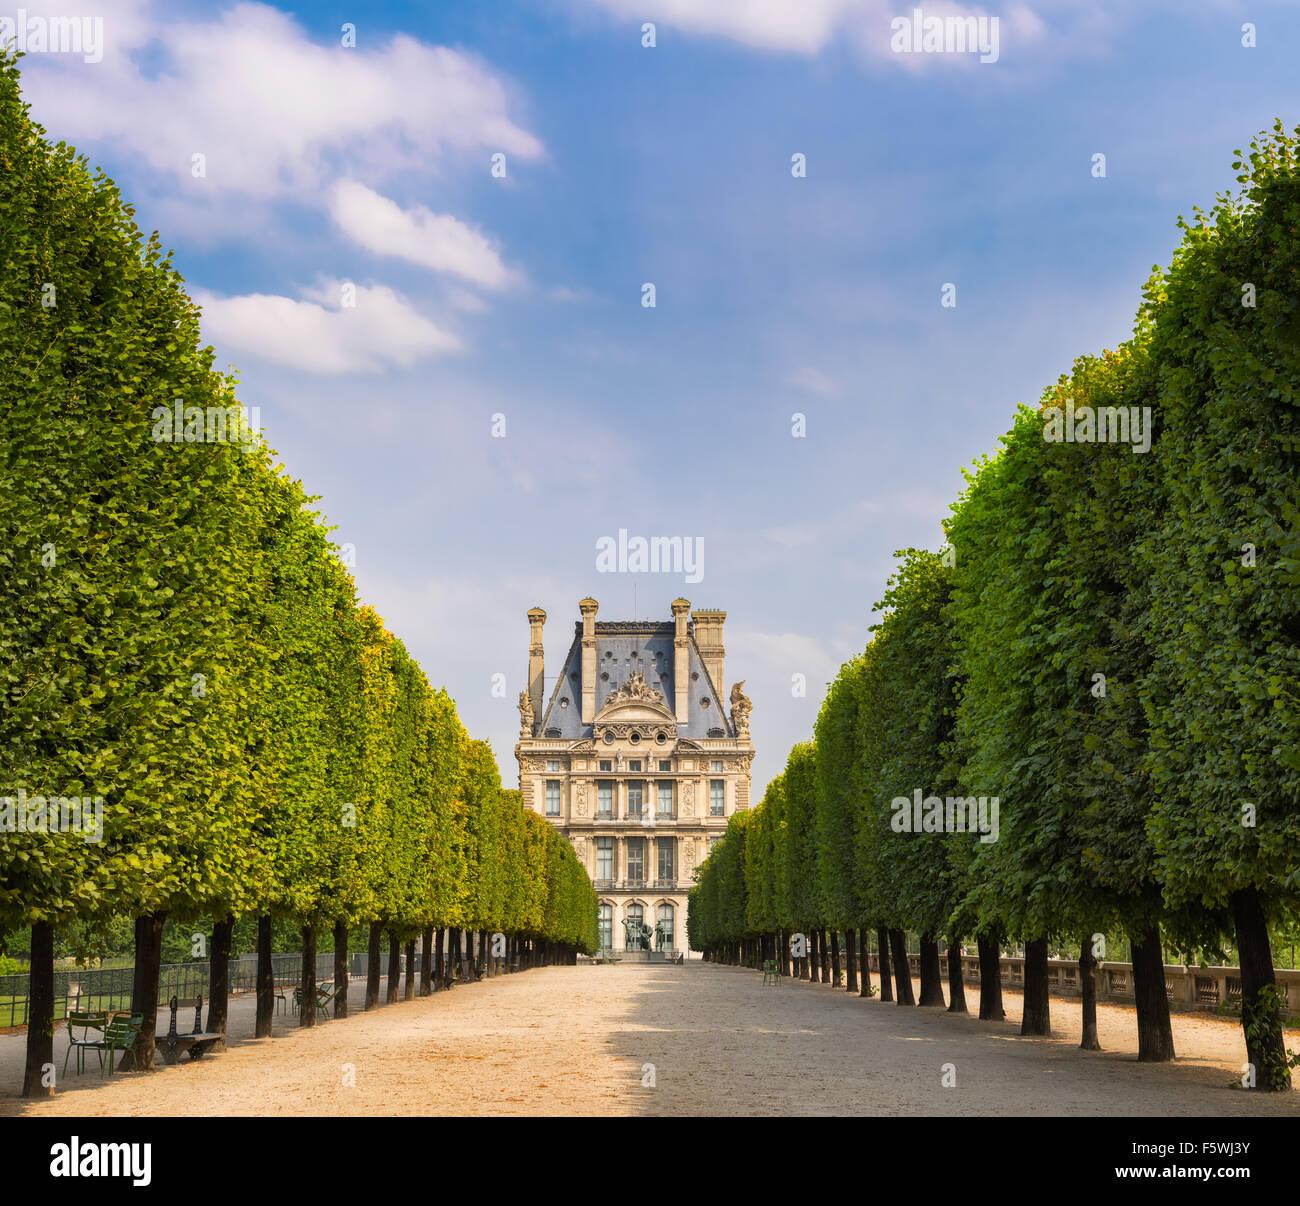 Tuilleries giardino alberato di vista che conduce al Museo del Louvre. Estate vista La Terrasse du Bord de l'Eau Immagini Stock